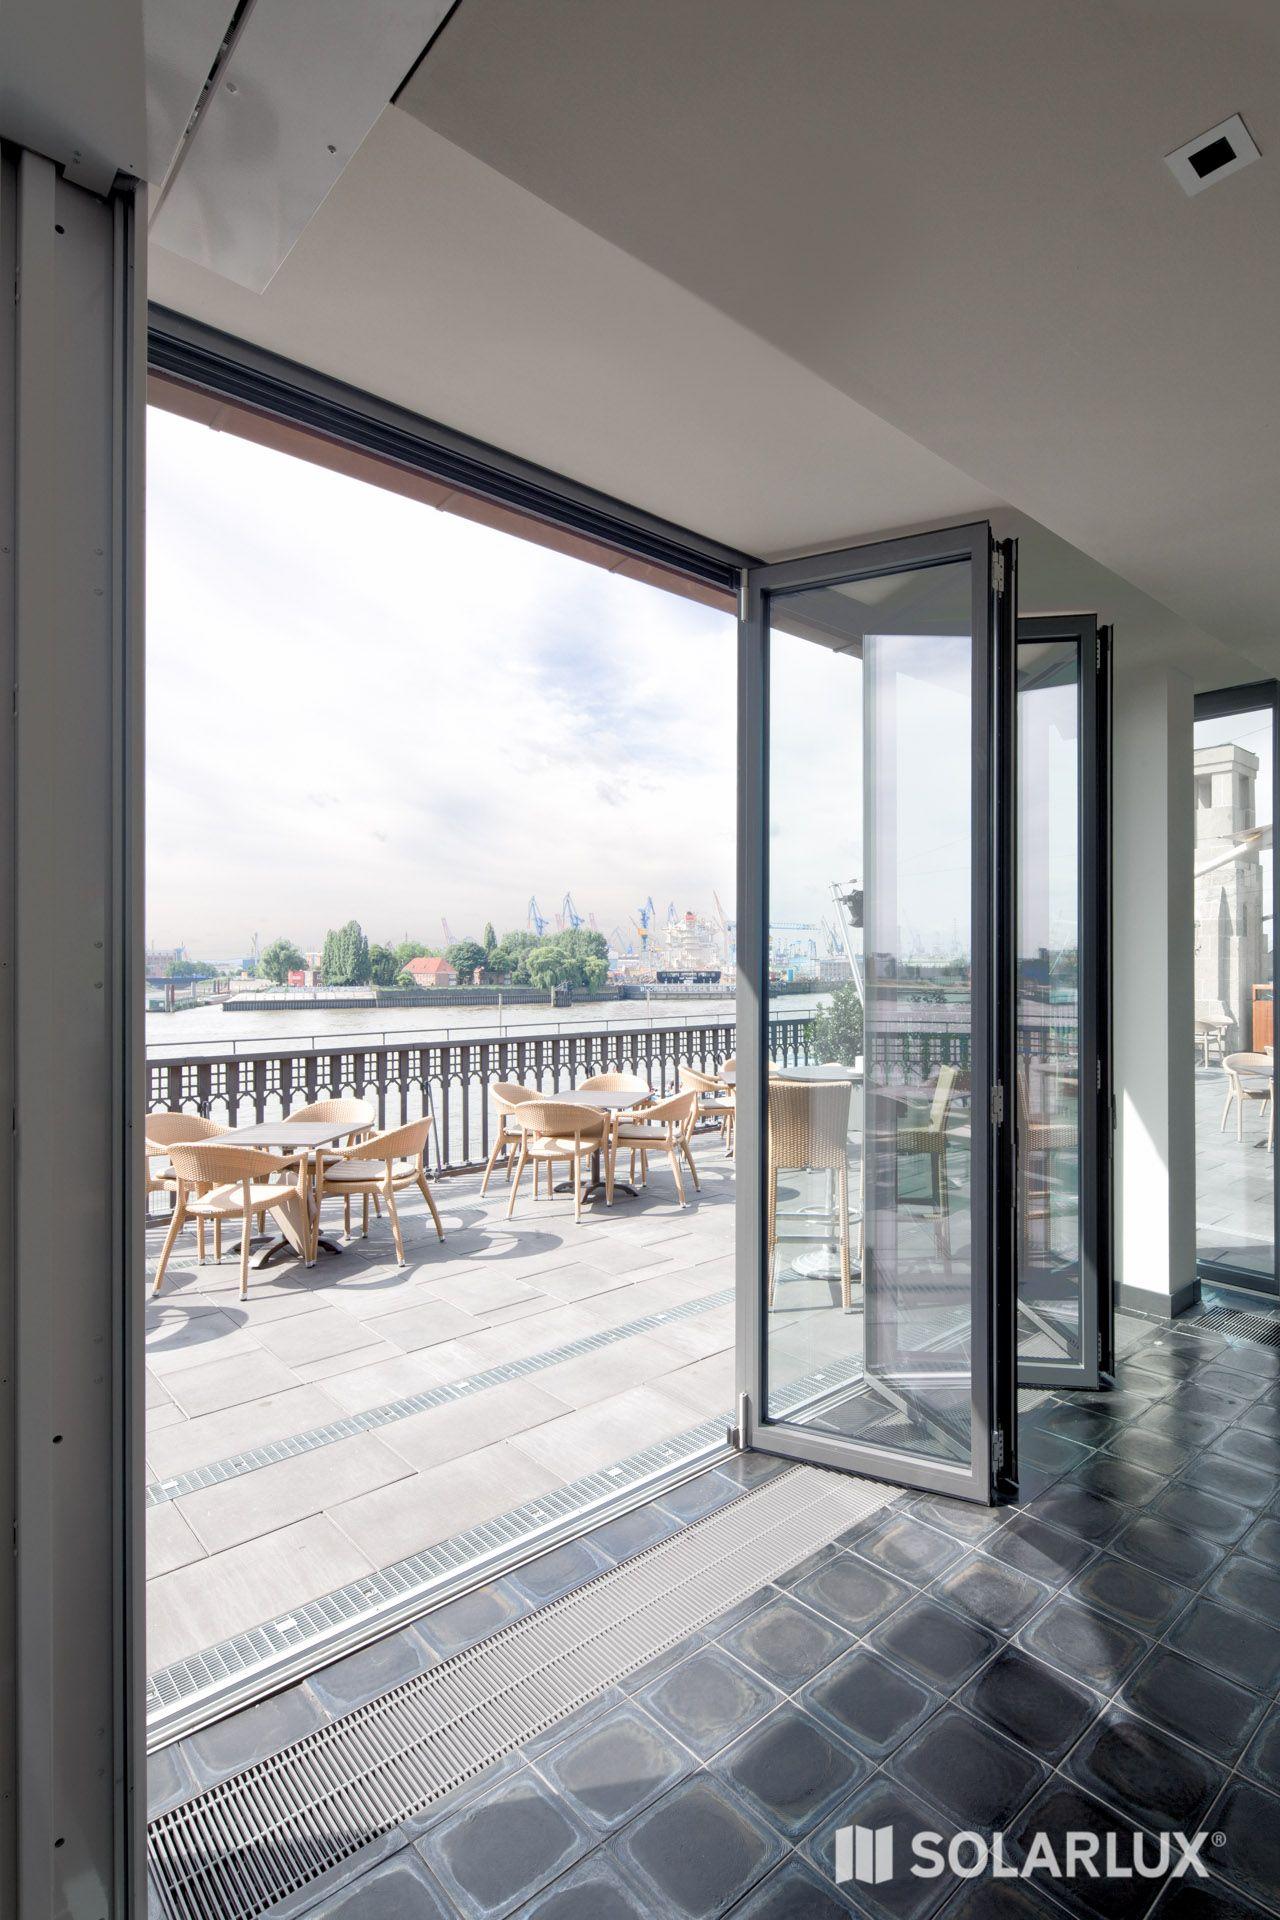 49+ Fenster 3 fach verglasung preis Trends